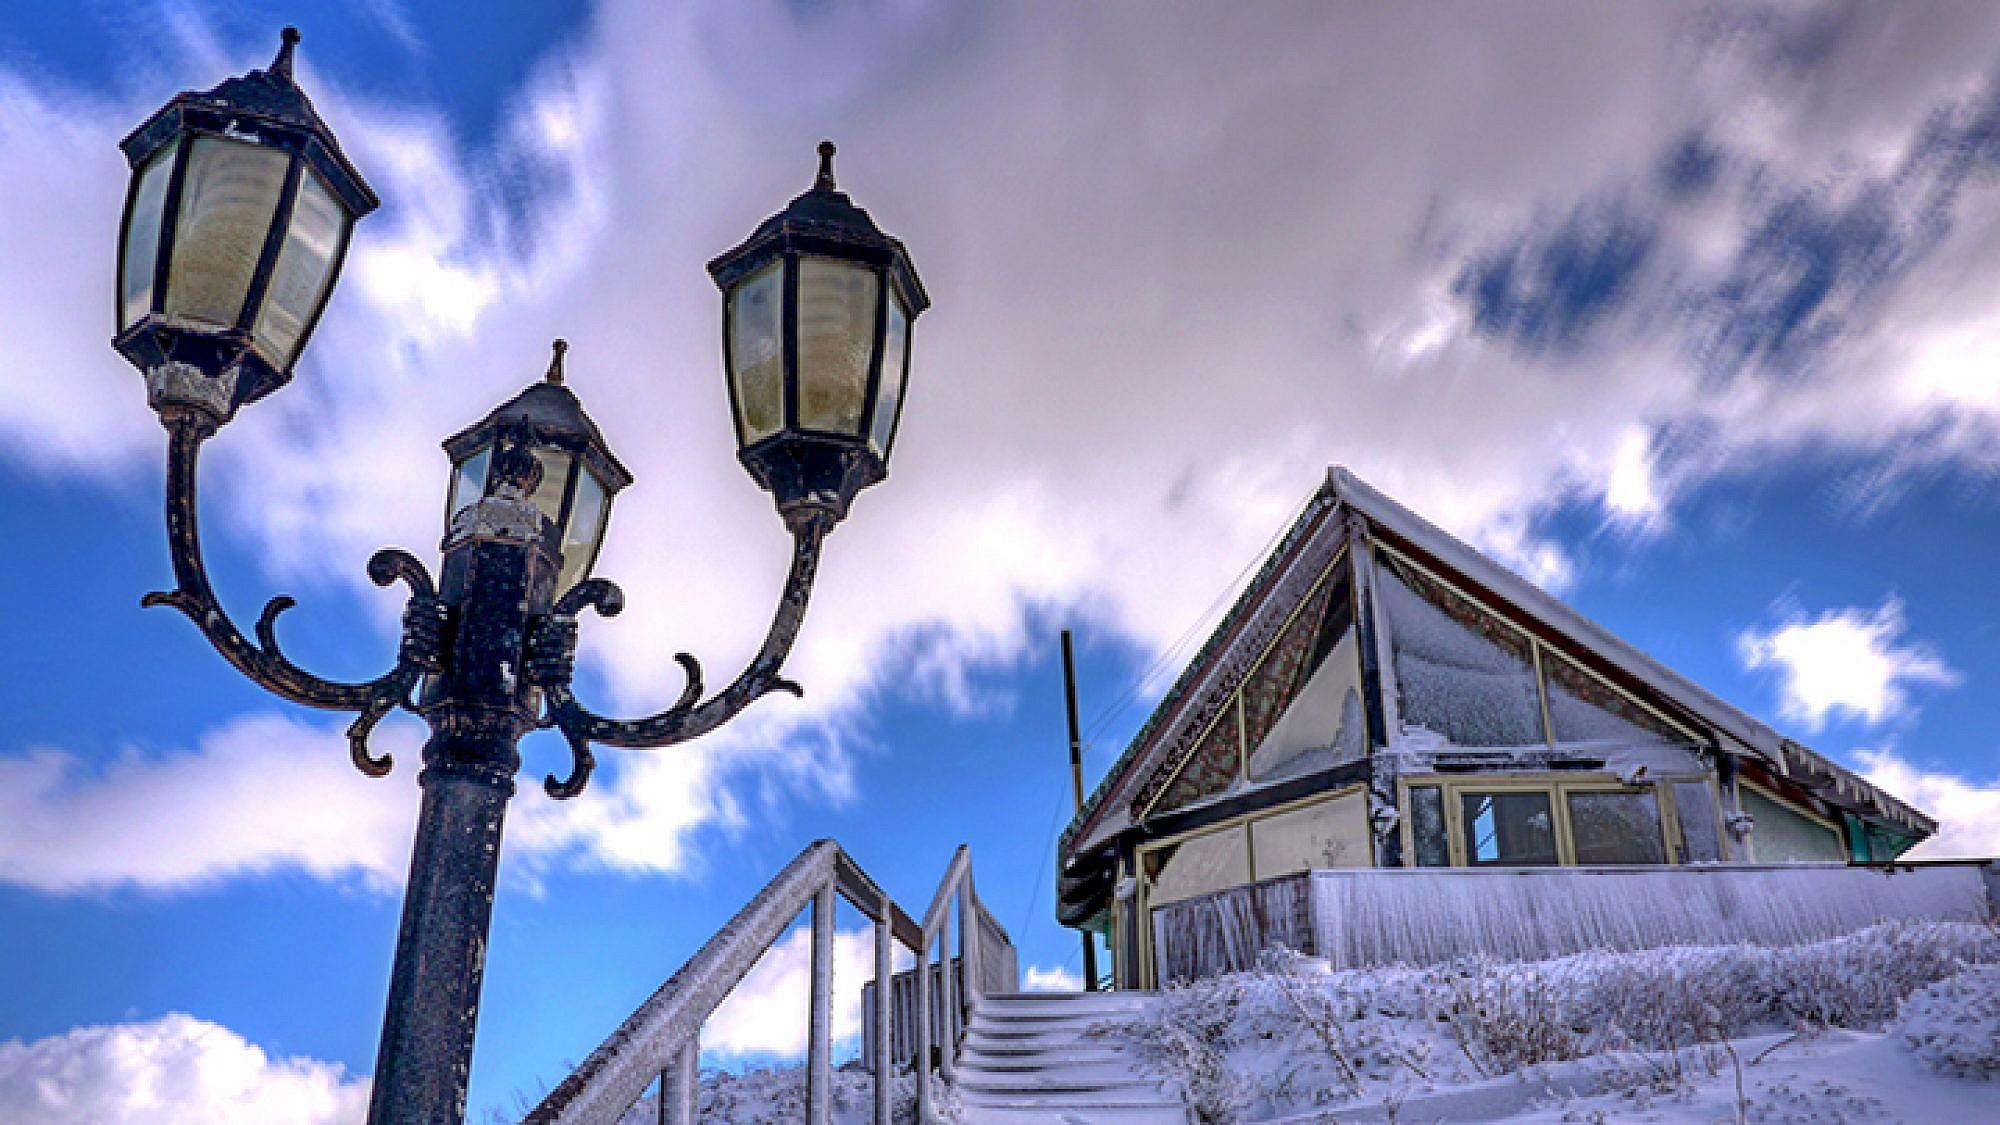 מבט מבחוץ: הבקתות הנעות ברוח | צילום: Snowfix